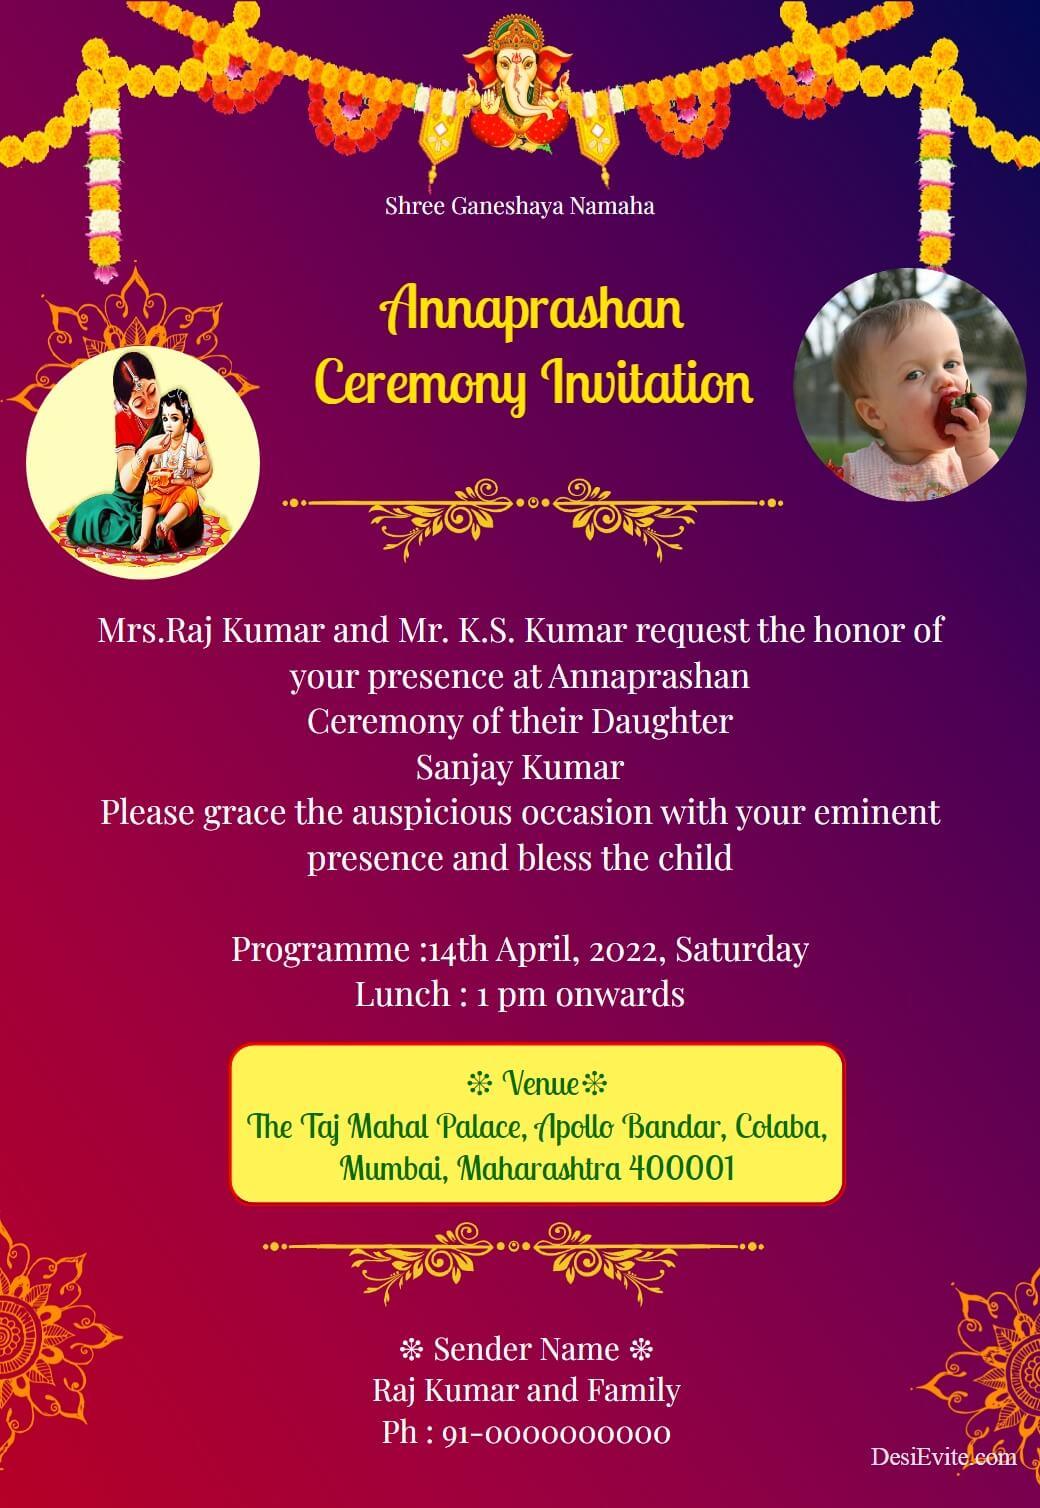 annaprashan sanskar 98